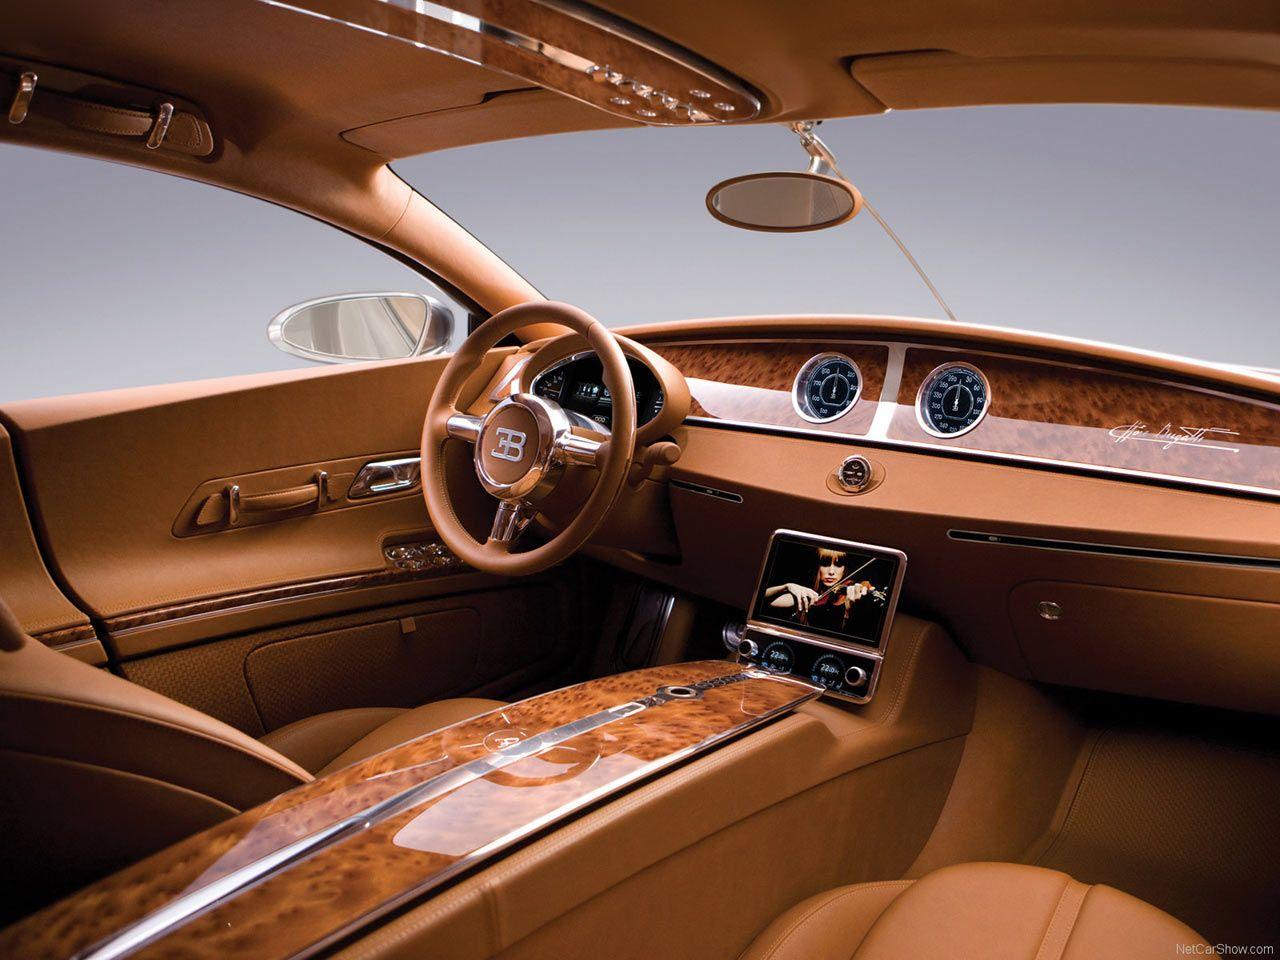 Car interior brown - Interior Of A New Bugatti